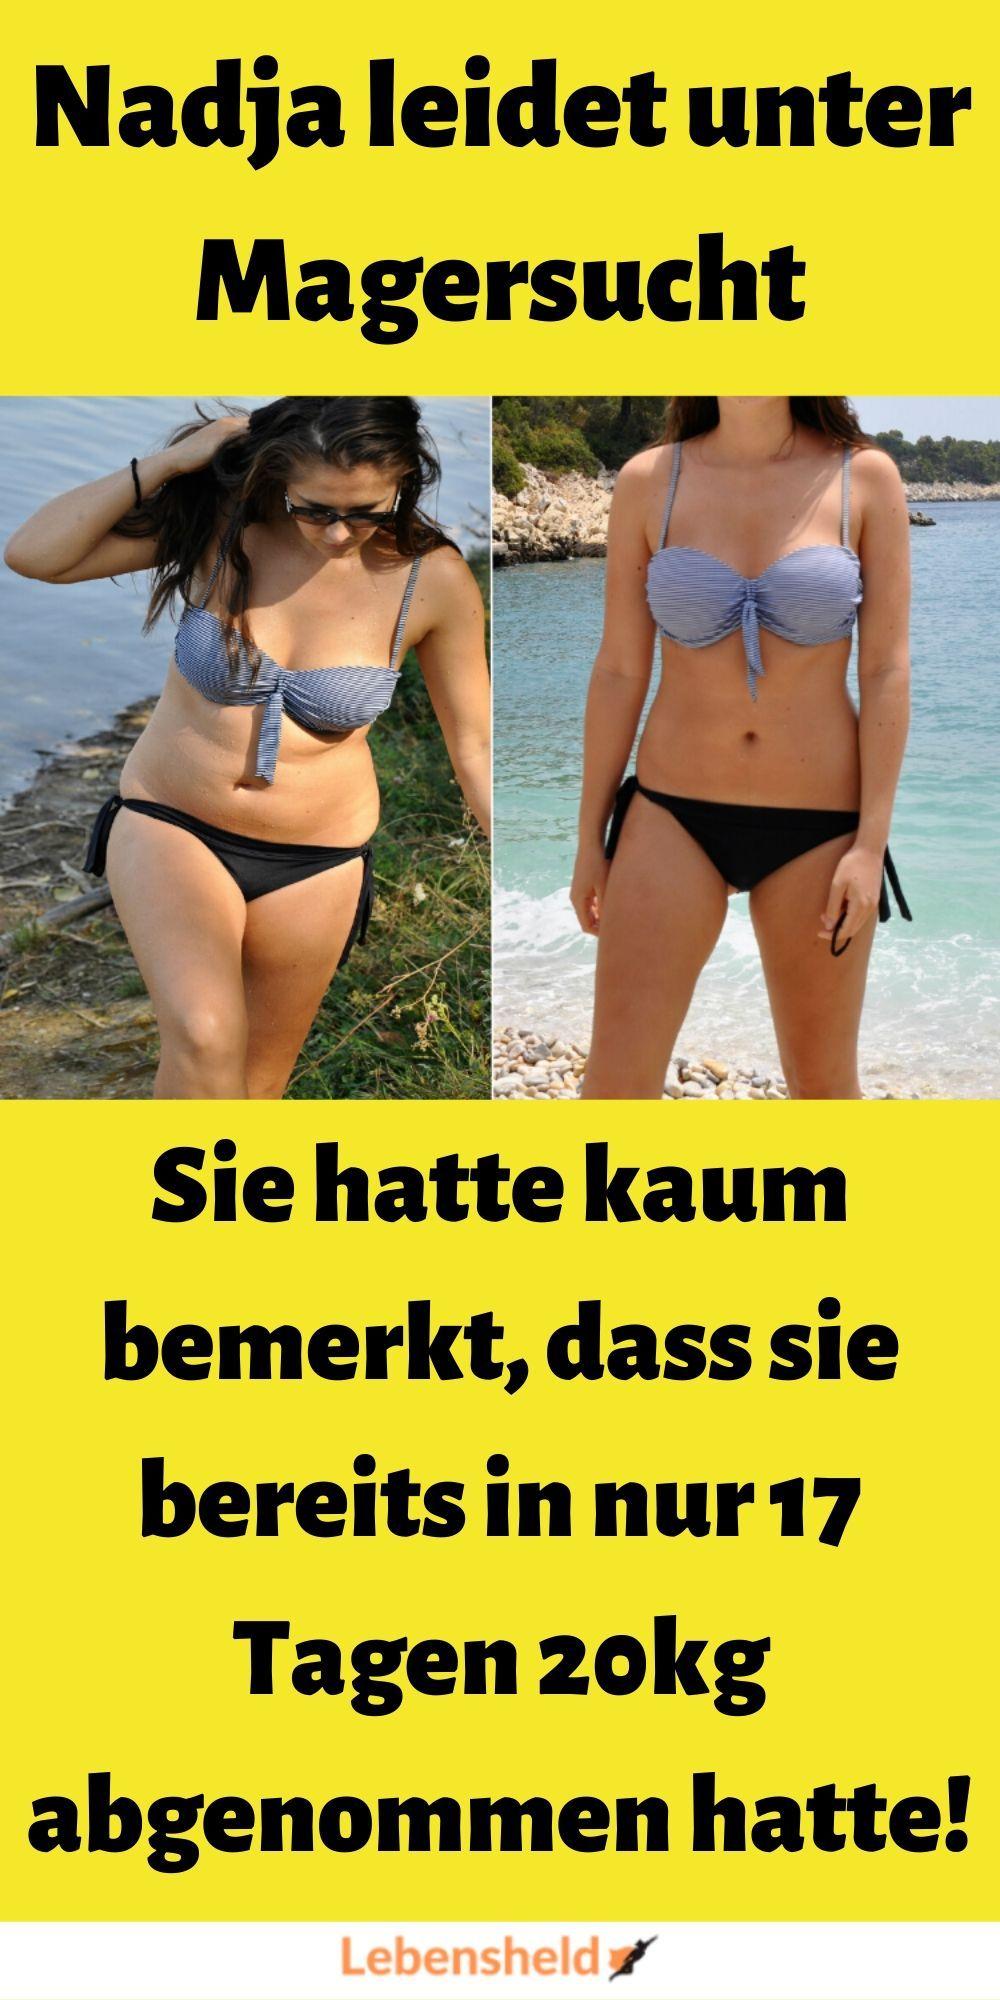 Wo der Gewichtsverlust bemerkt wird